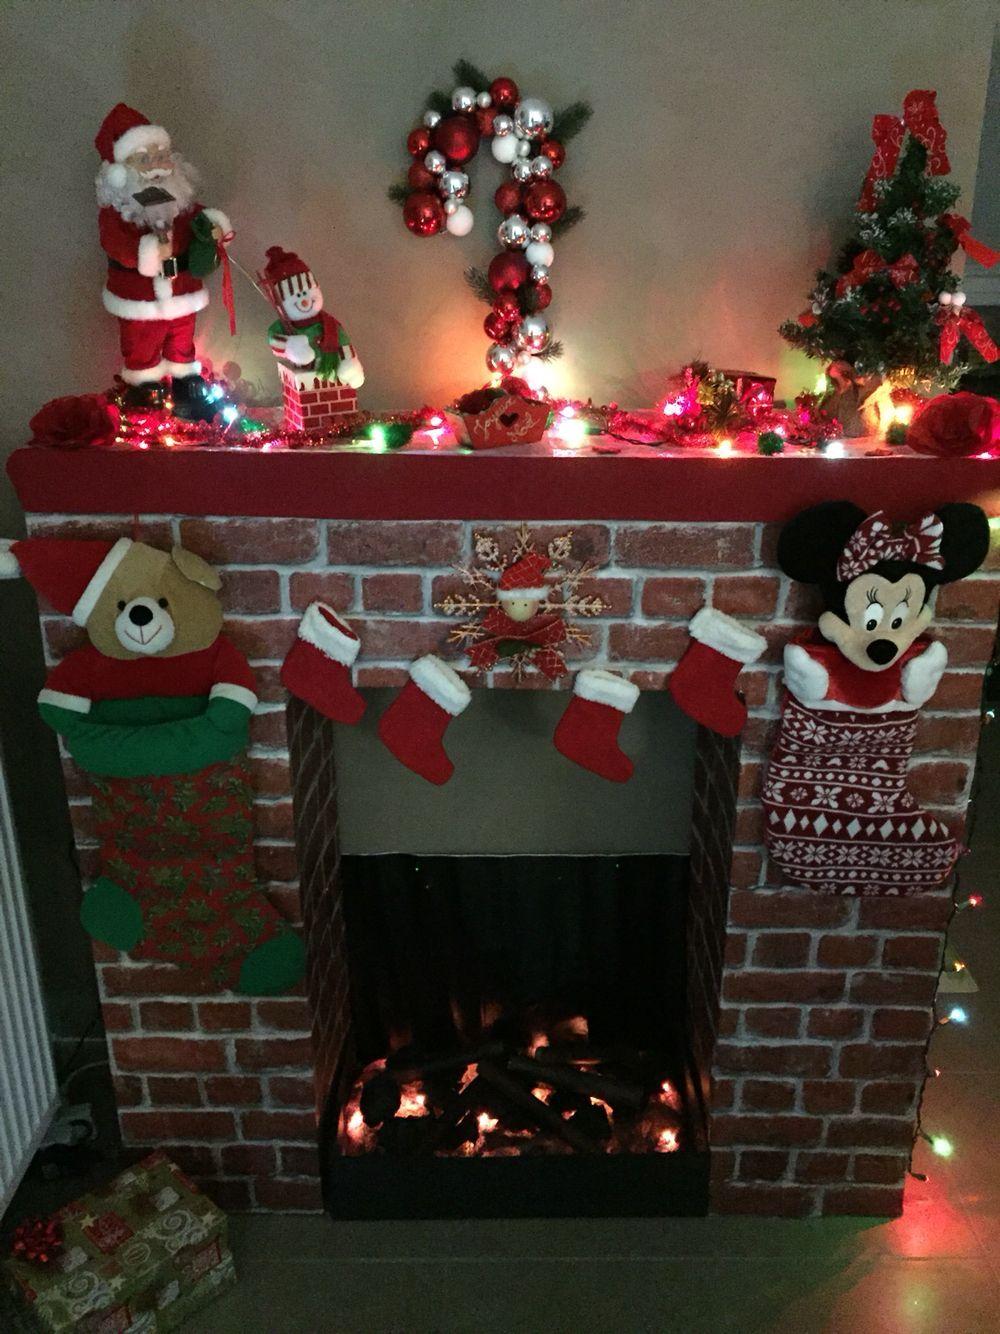 Navidad Adornos De Navidad Ideas Murales De Navidad Cortinas Chimeneas Navidenas De Carton Decoracion Navidad Manualidades Decoracion De Chimeneas Navidenas